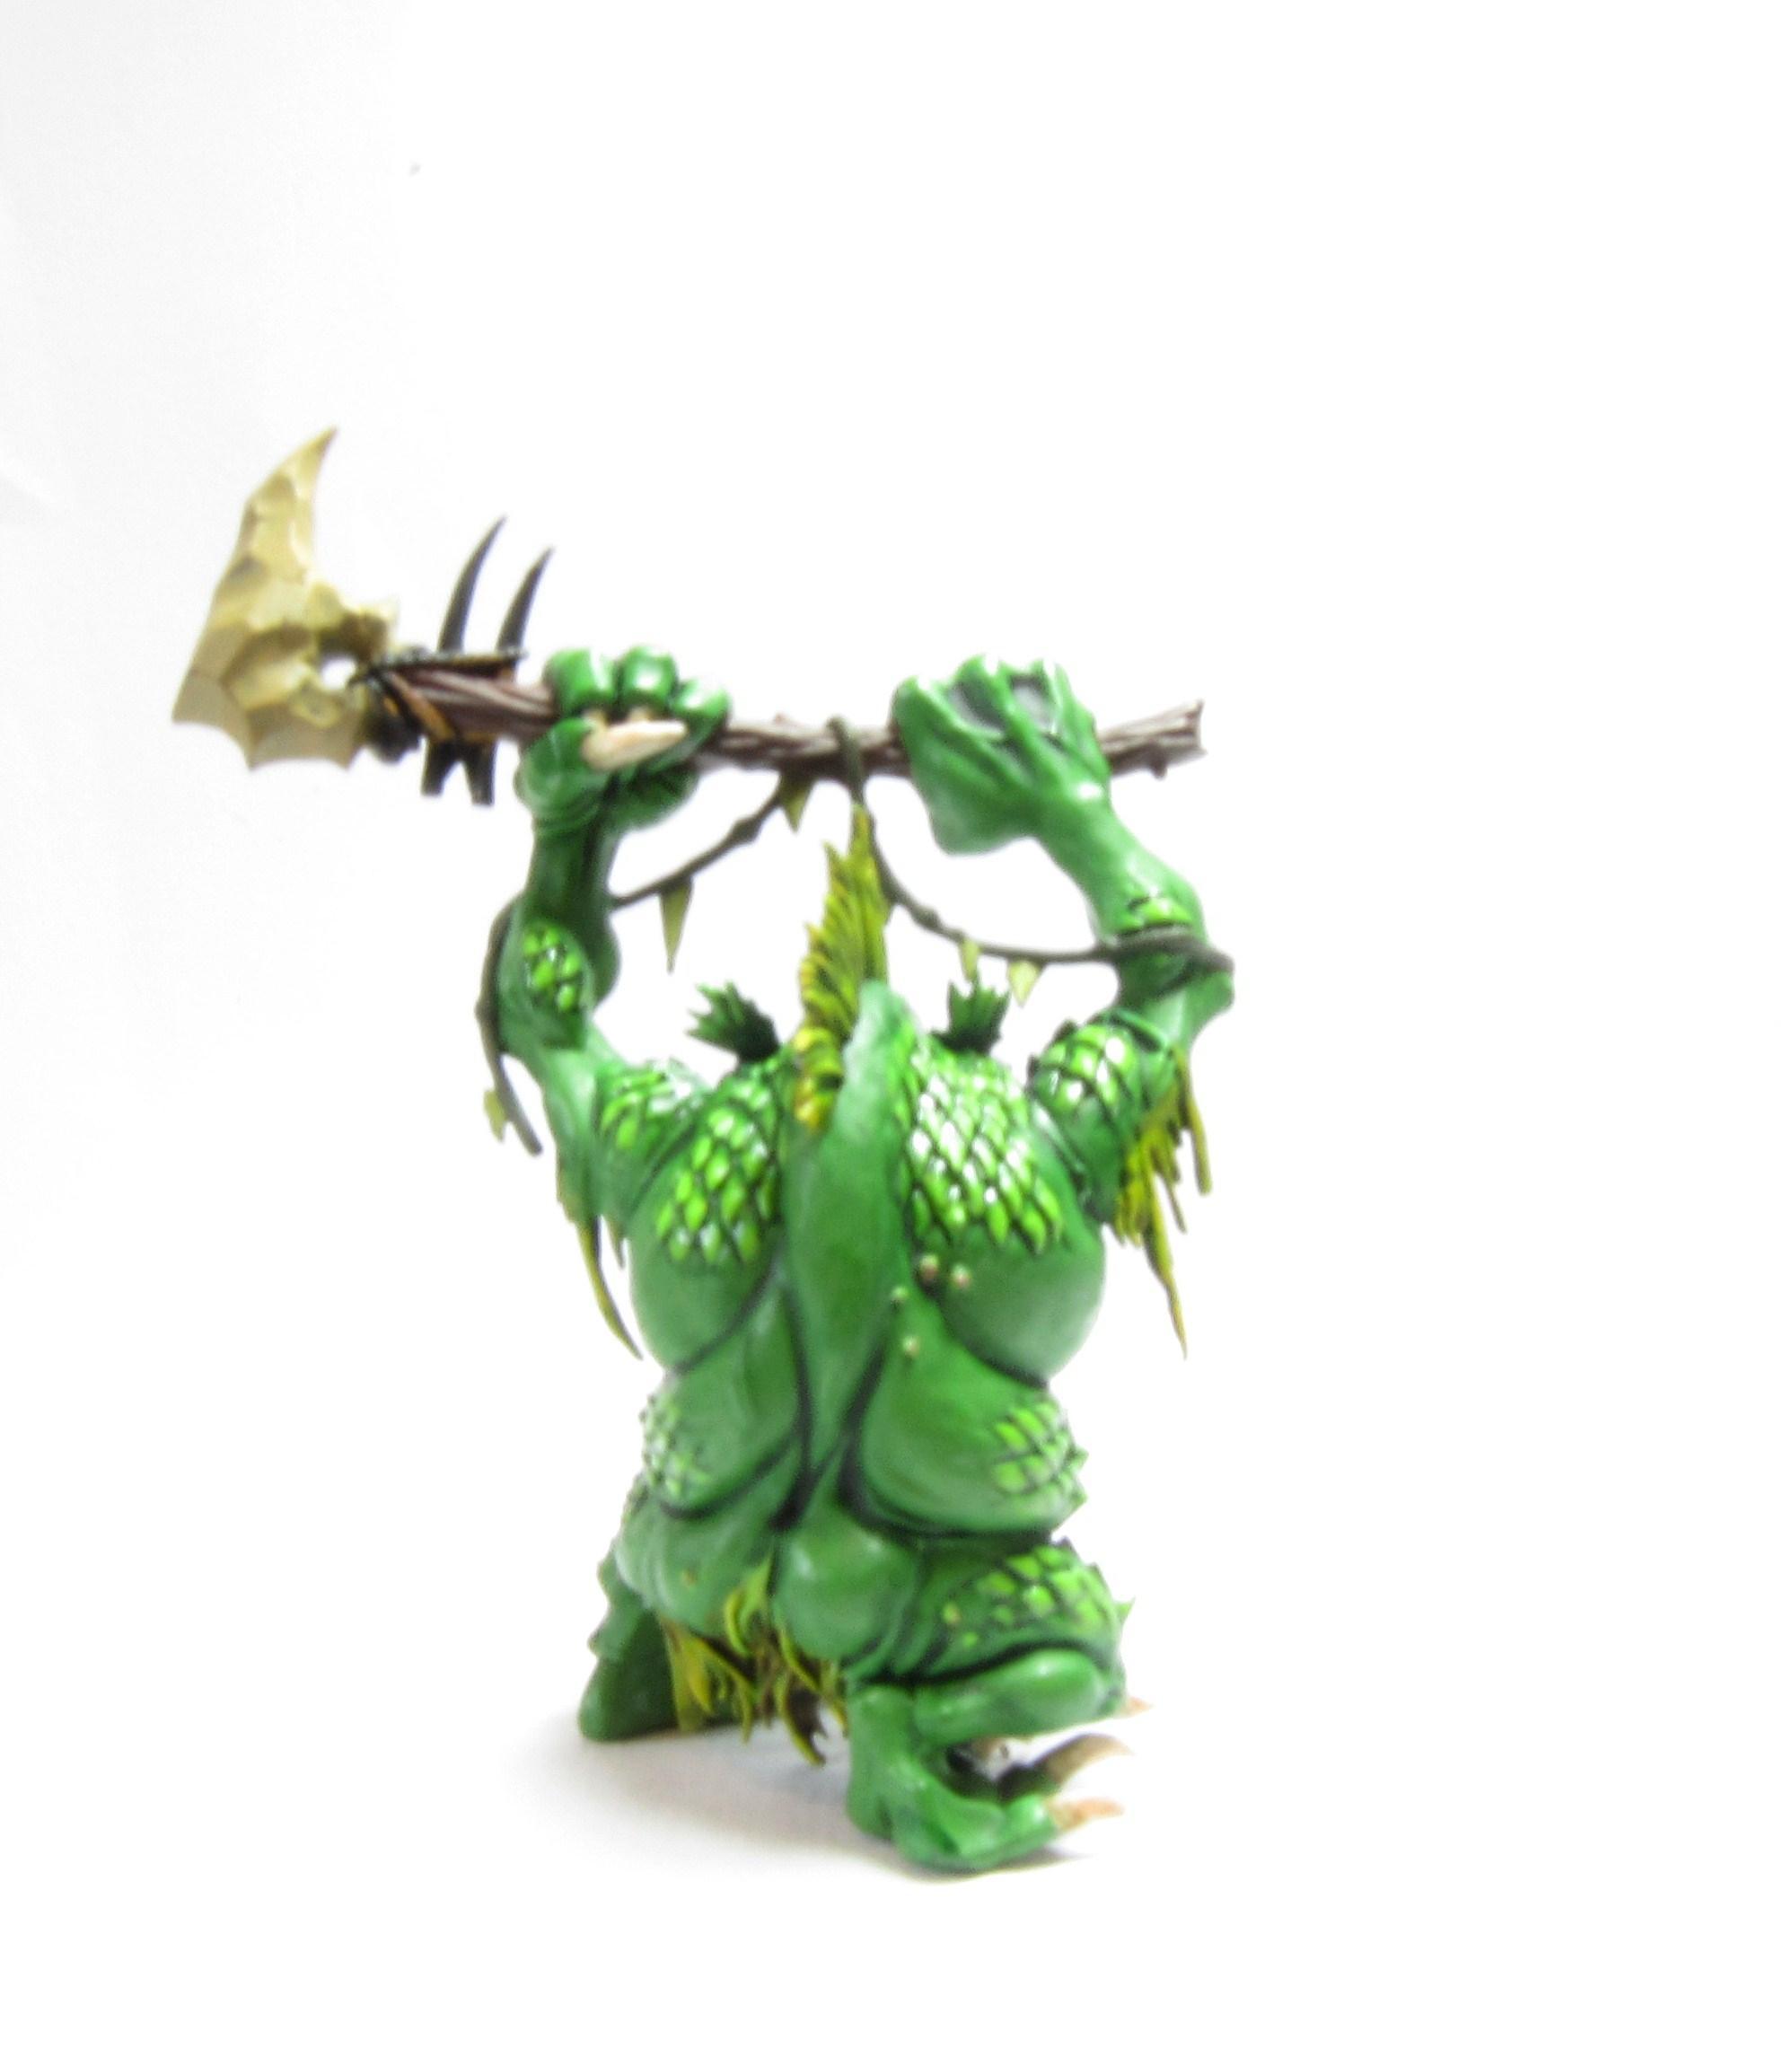 Age Of Sigmar, Fellwater Troggoth, Green, River Troll, Troll, Warhammer Fantasy